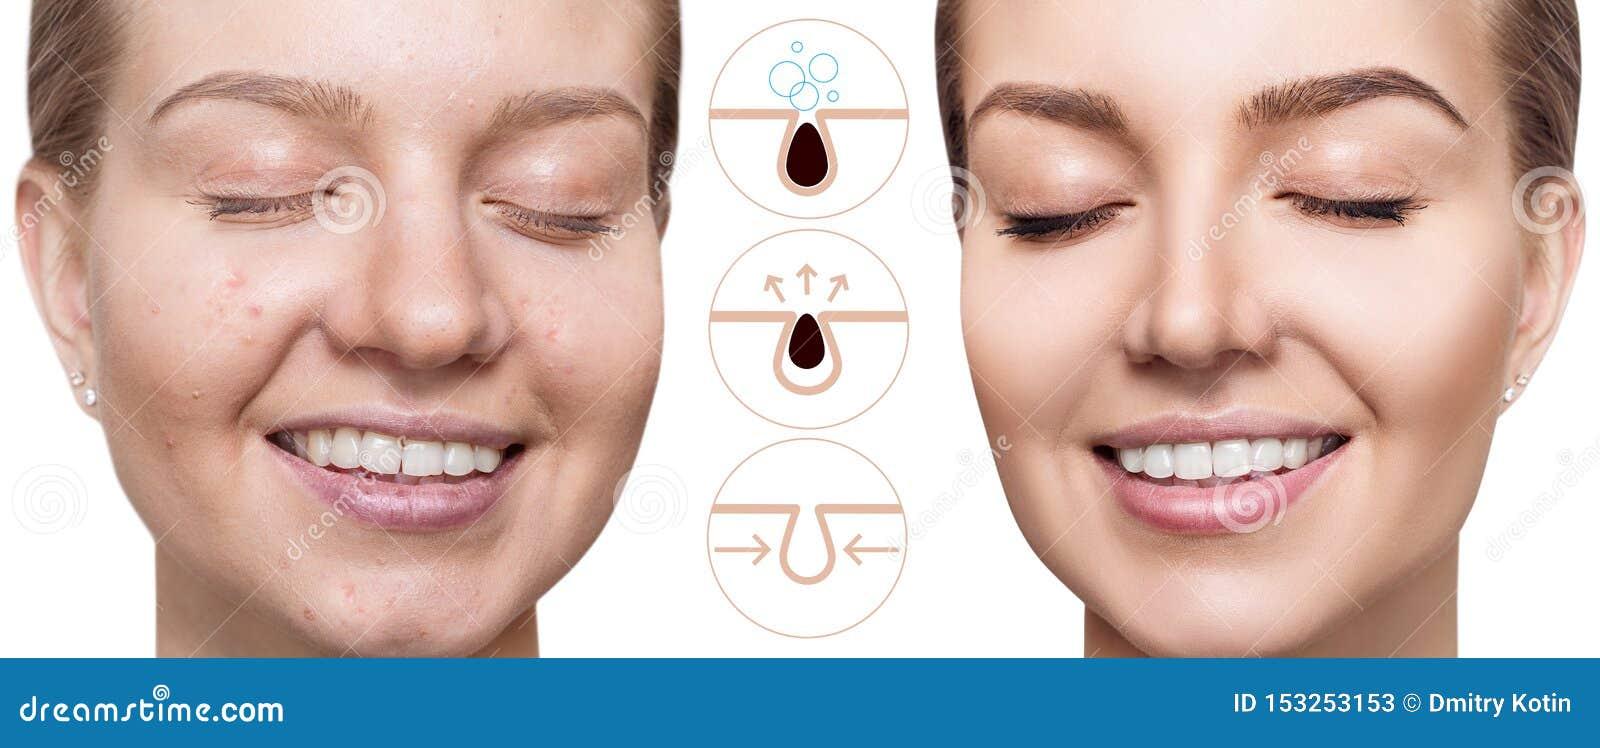 Toont grafisch om de poriën op gezicht te verontreinigen en schoon te maken